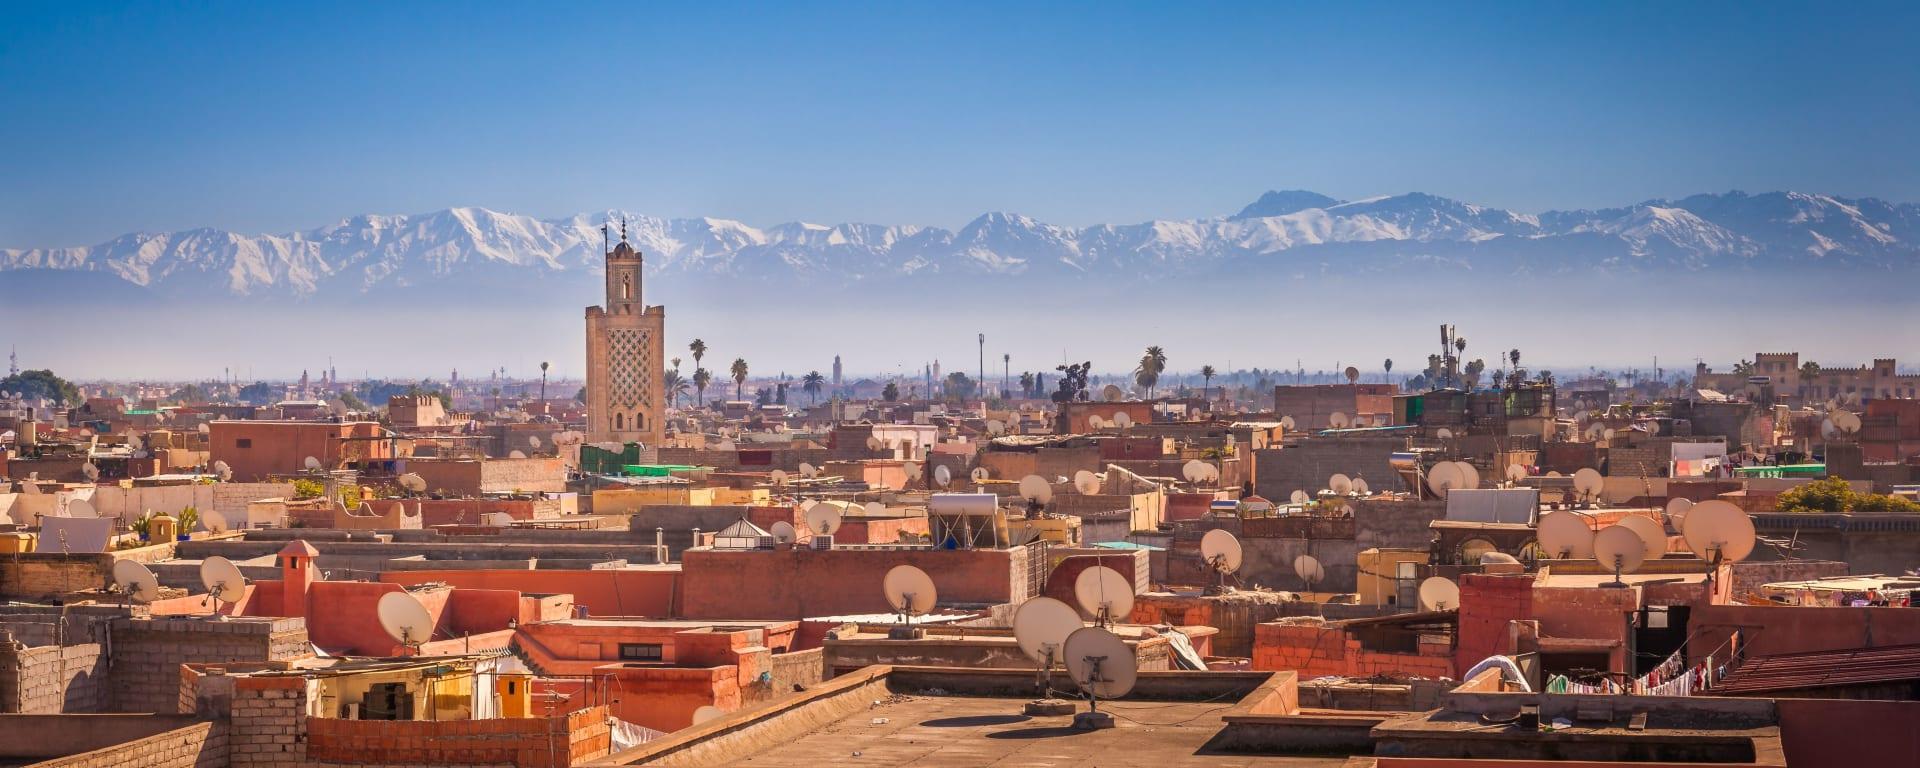 Marokko entdecken mit Tischler Reisen: Marokko Marrakesch Panorama